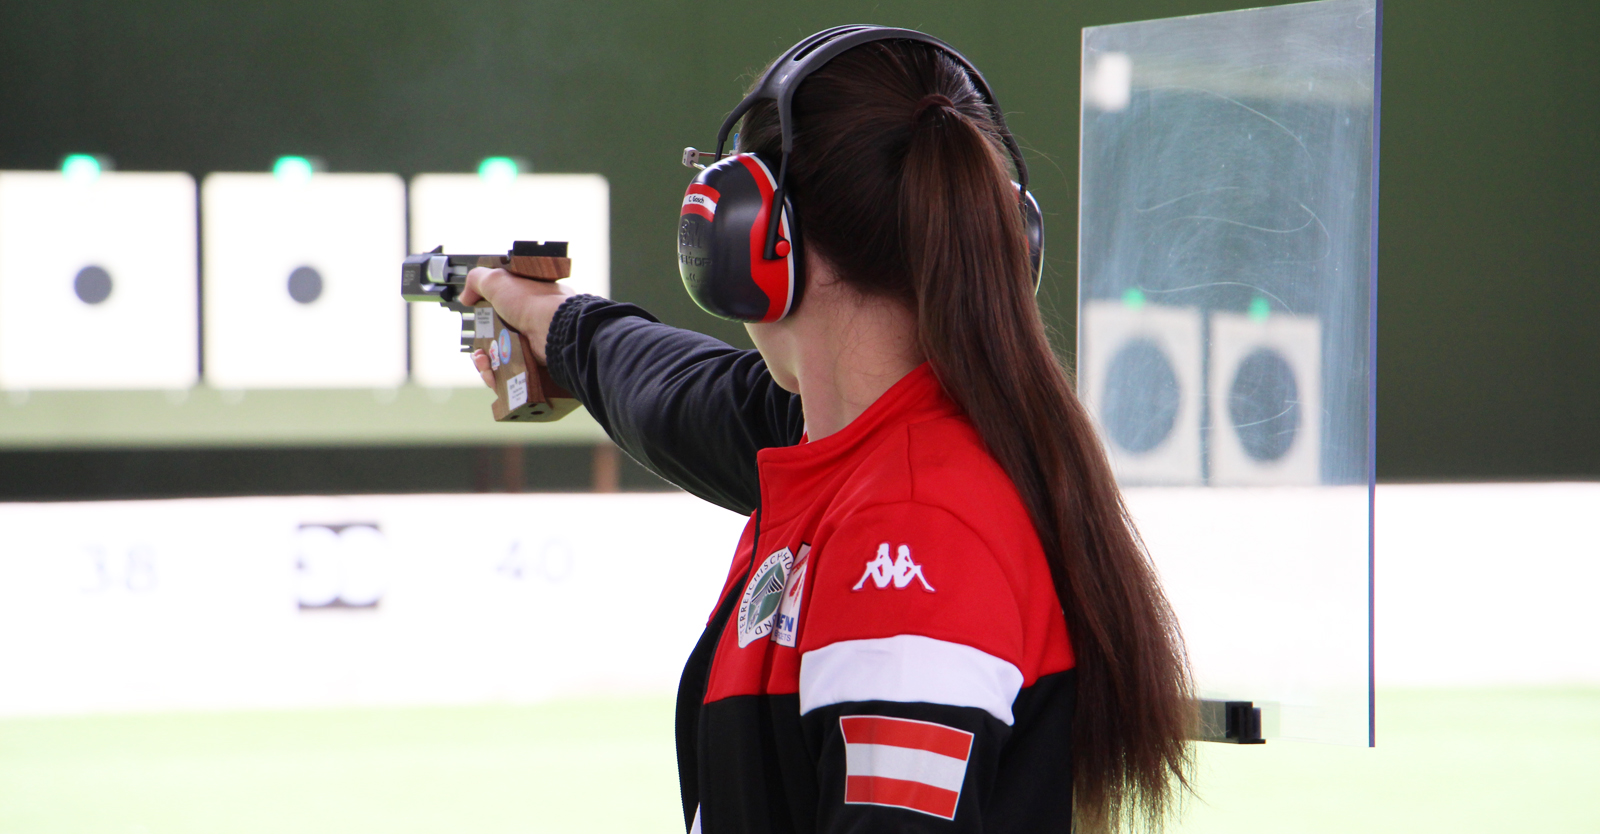 Corina Gosch bringt mit der 25m-Pistole in Lima eine persönliche Topleistung auf die Scheibe © Margit Melmer, ÖSB